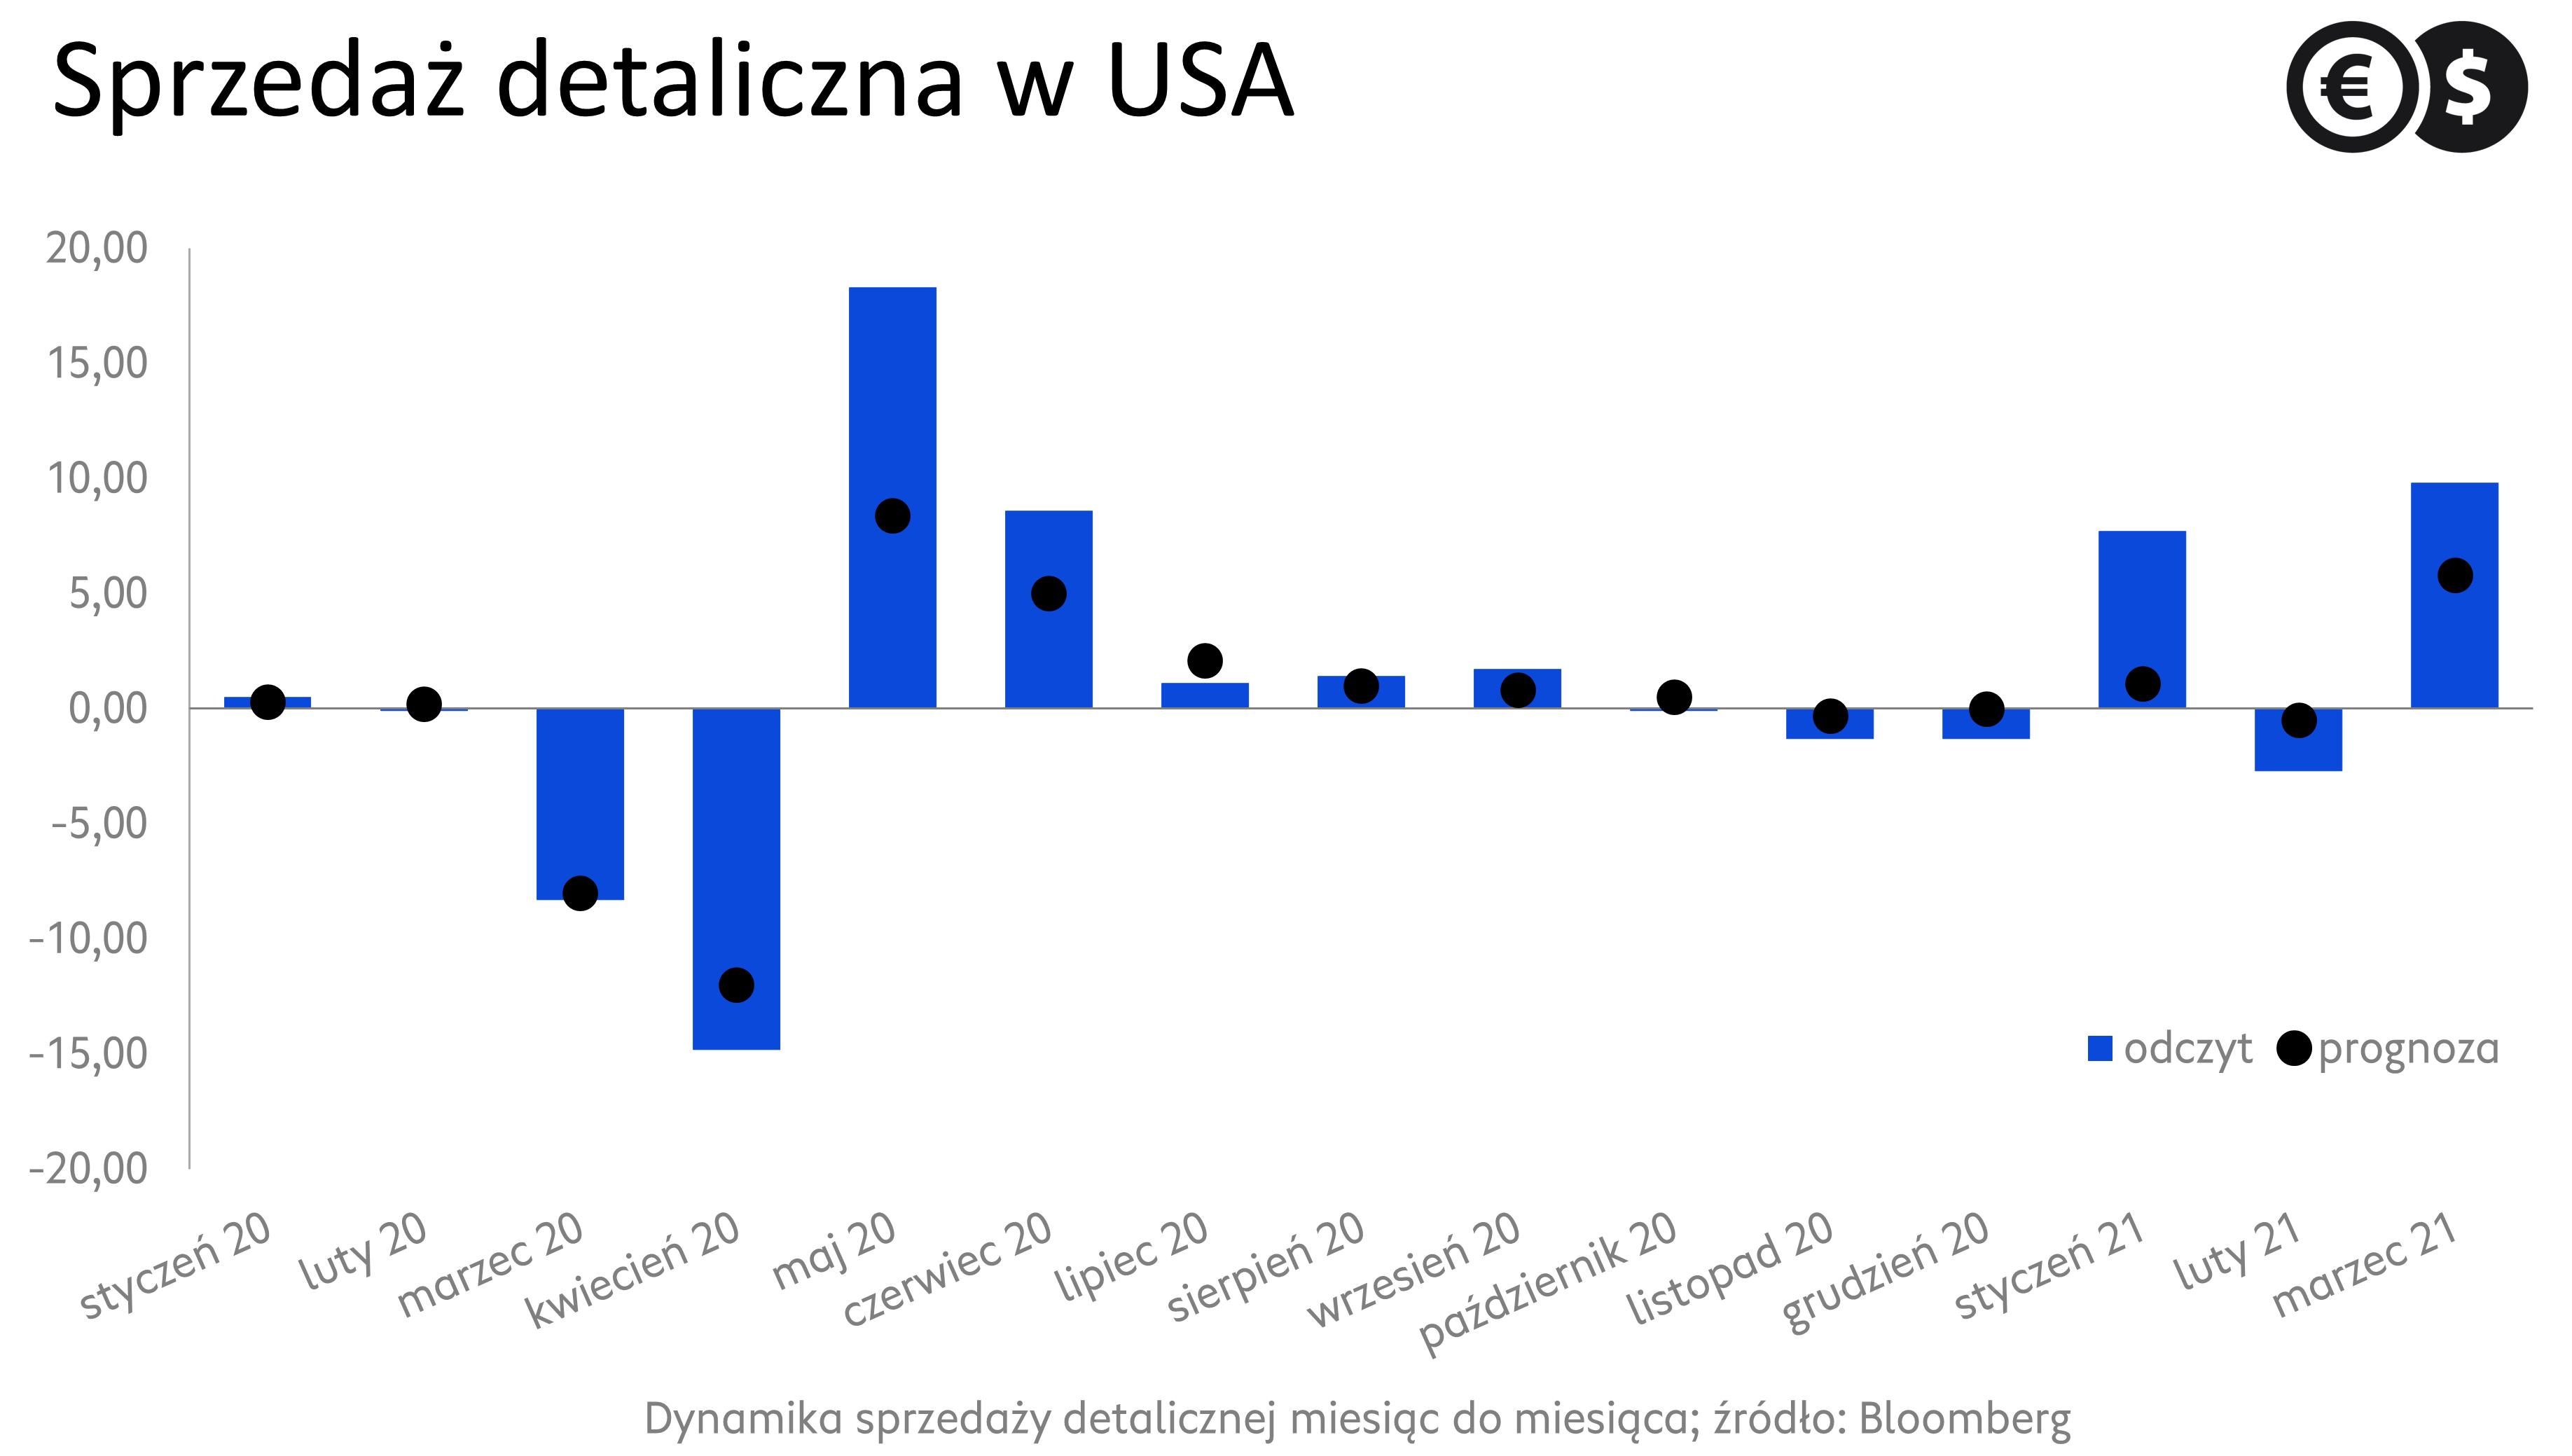 Sprzedaż detaliczna w USA, dynamika miesiąc do miesiąca